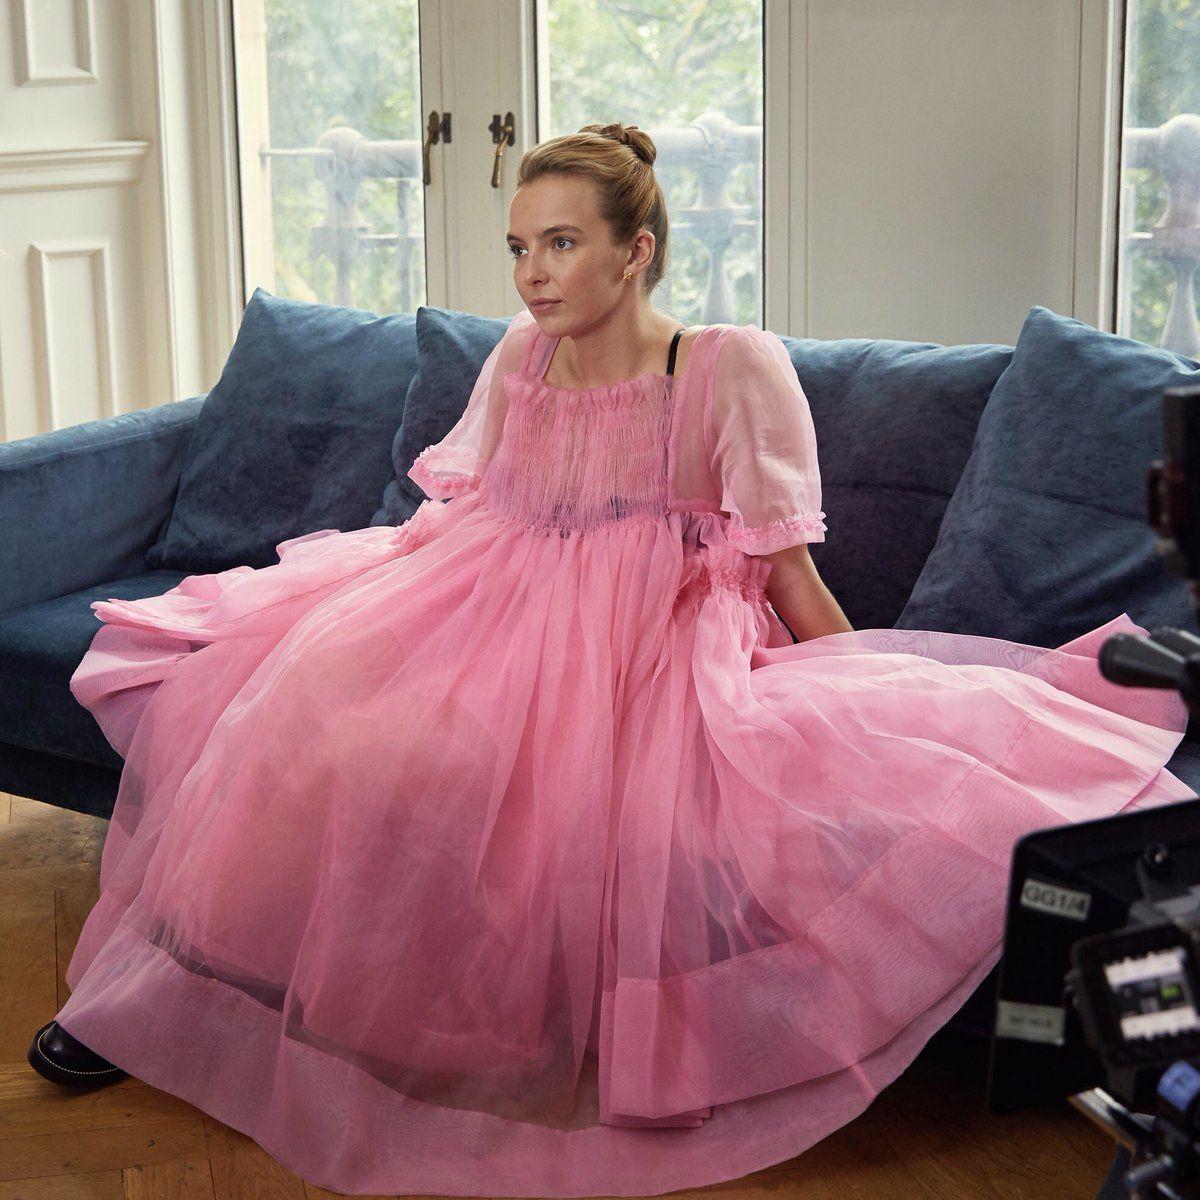 Image Result For Villanelle Pink Dress Pink Dress Purple And Black Dress Dresses [ 1200 x 1200 Pixel ]